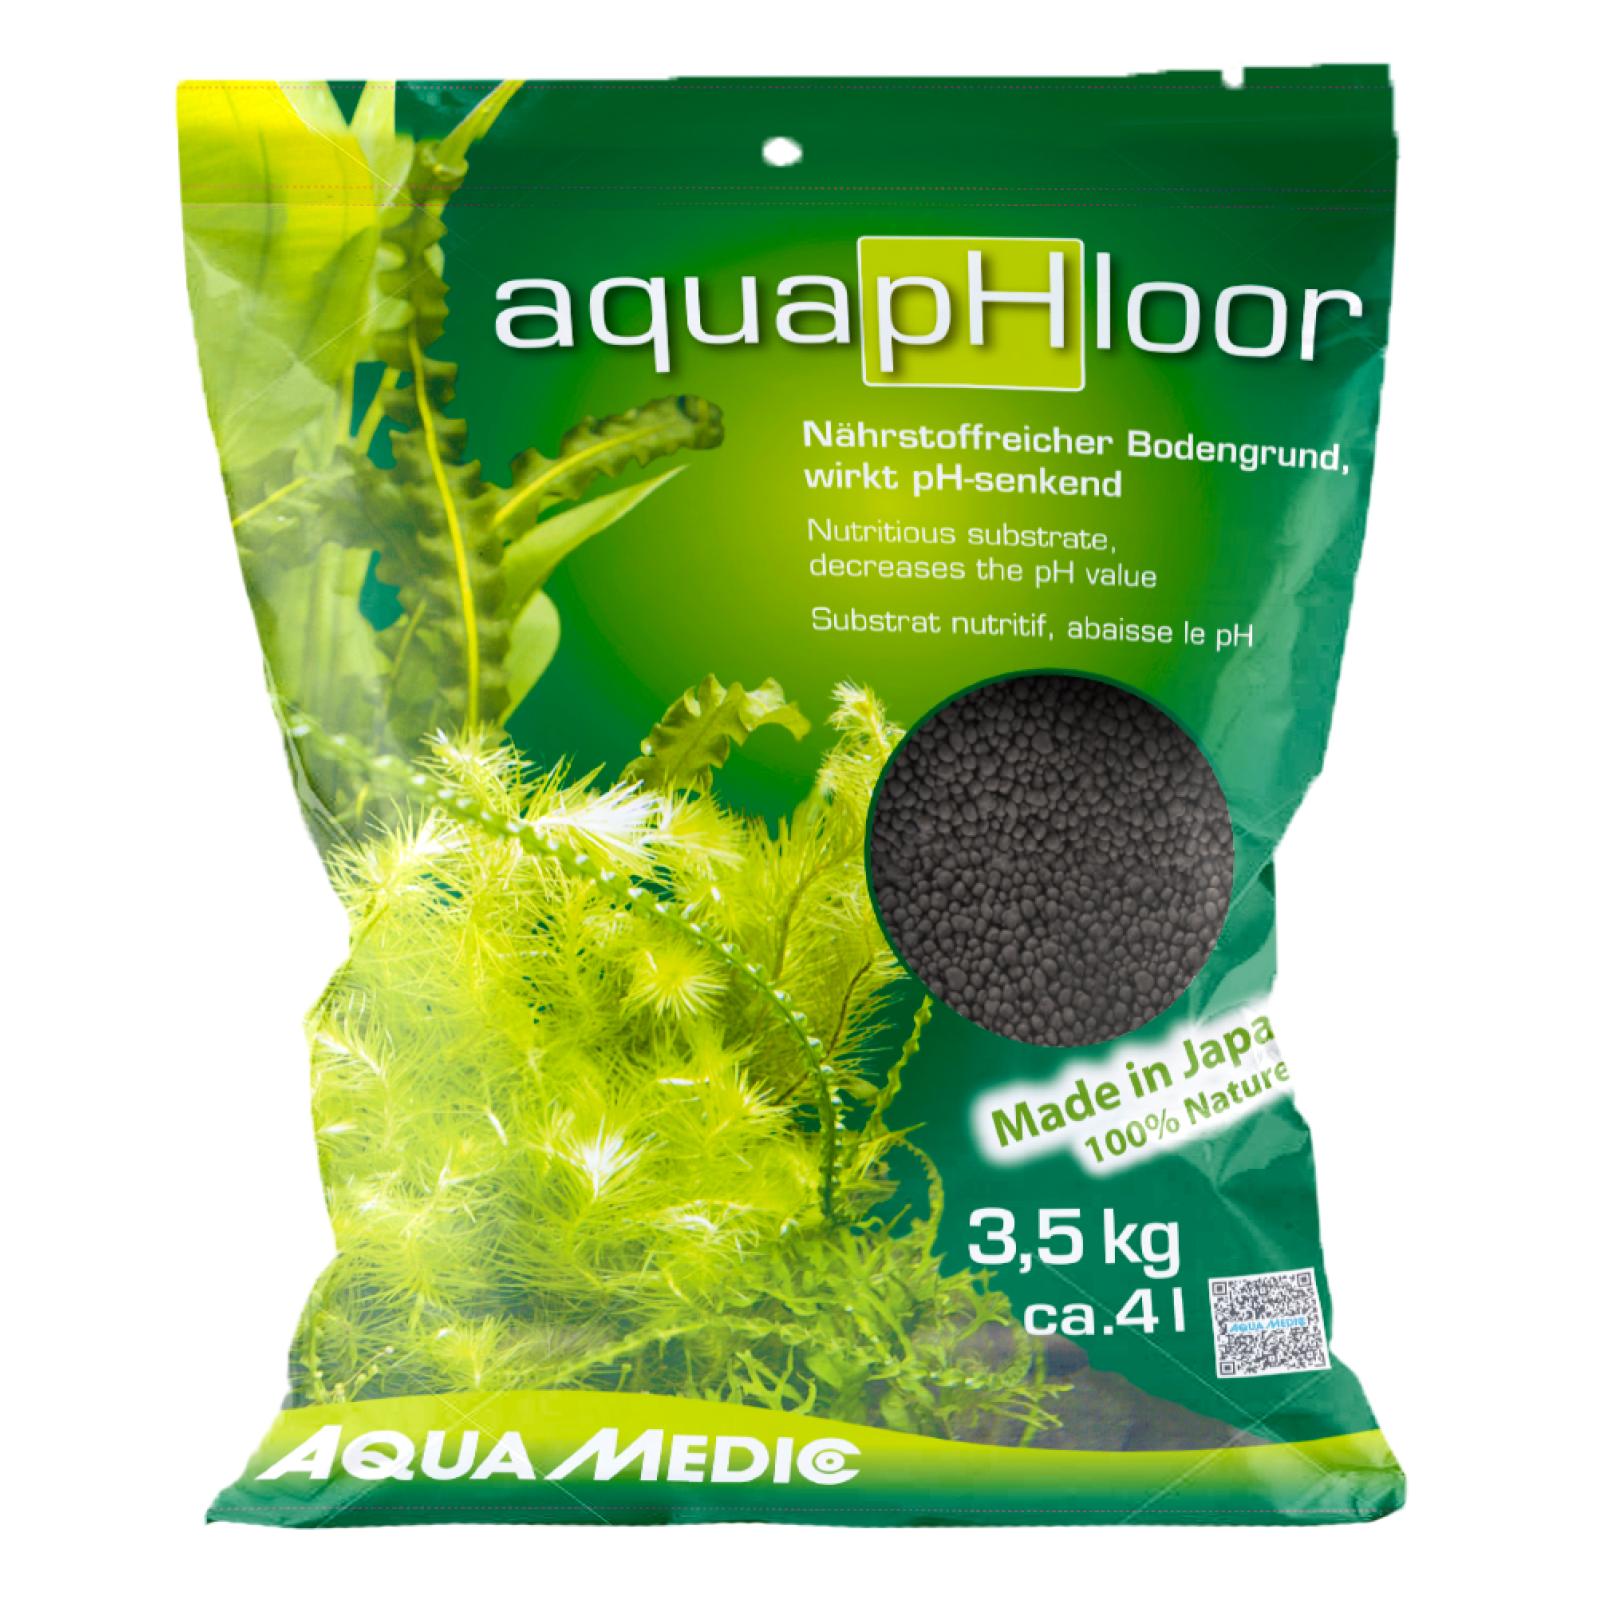 AQUA MEDIC aquapHloor 3,5 kg substrat nutritif et décoratif pour aquarium planté